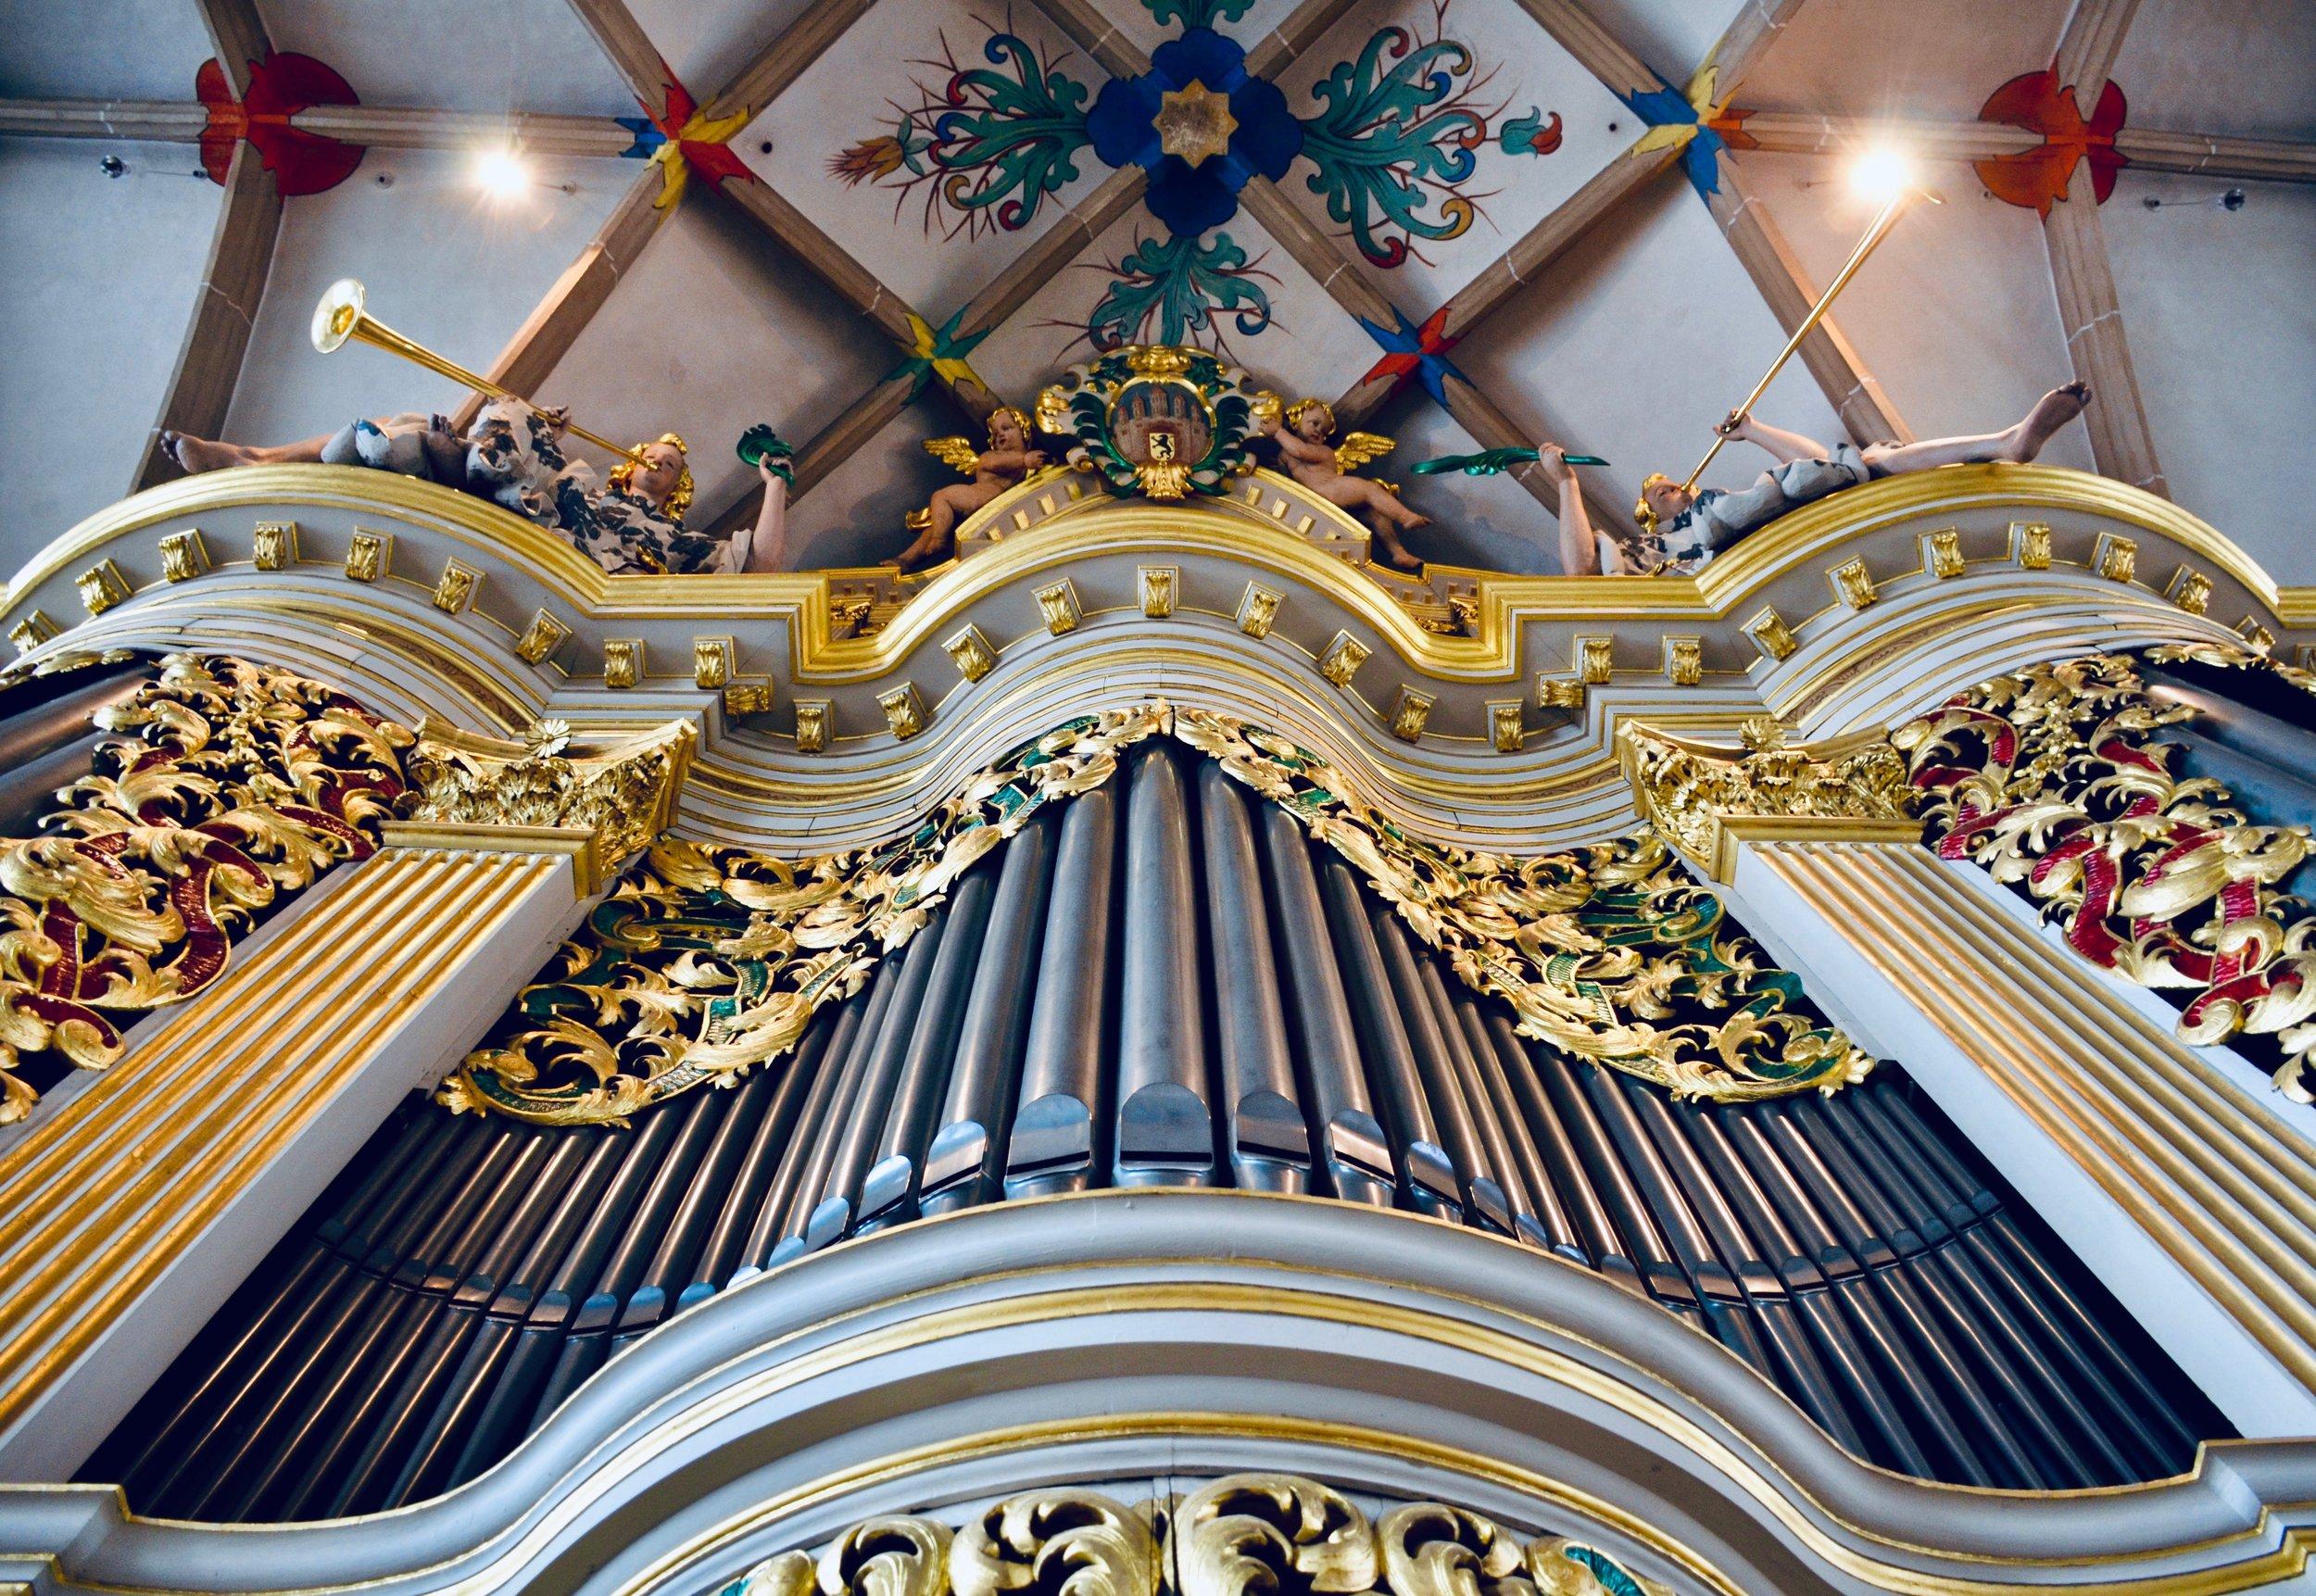 Facade detail, 1714 Gottfried Silbermann organ in Freiberg Dom.